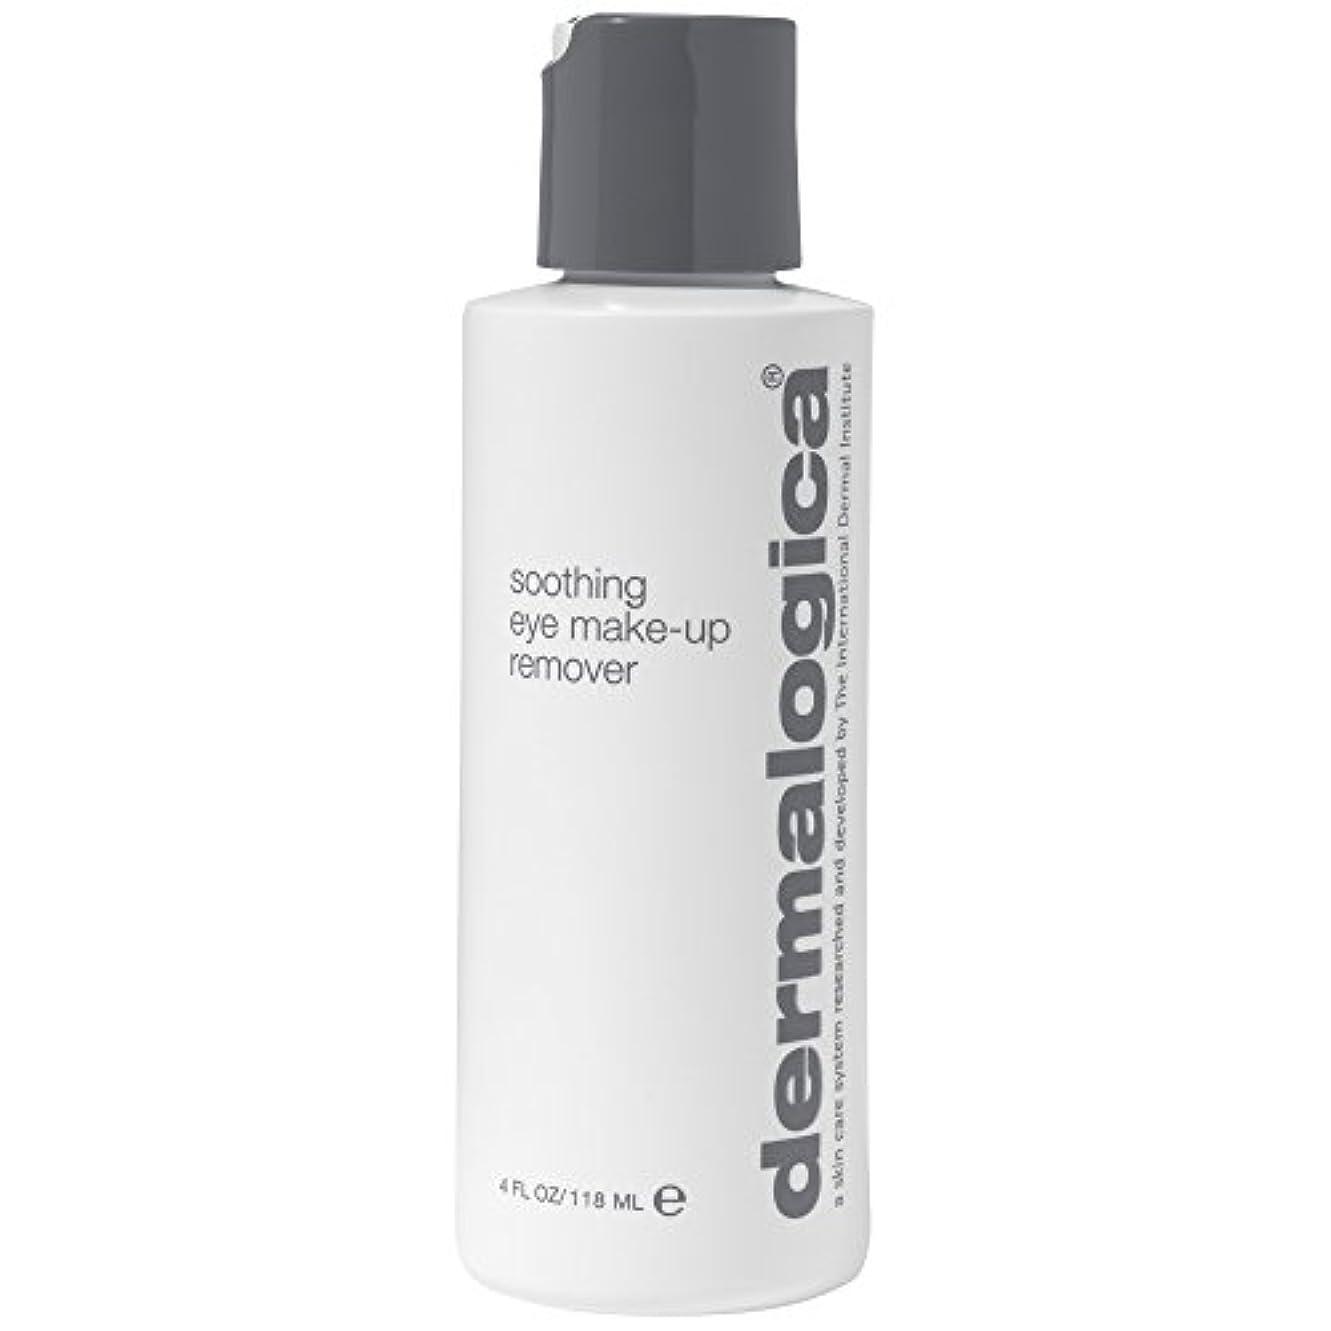 一族急ぐ密接にダーマロジカなだめるアイメイクアップリムーバーの118ミリリットル (Dermalogica) (x6) - Dermalogica Soothing Eye Makeup Remover 118ml (Pack of 6) [並行輸入品]